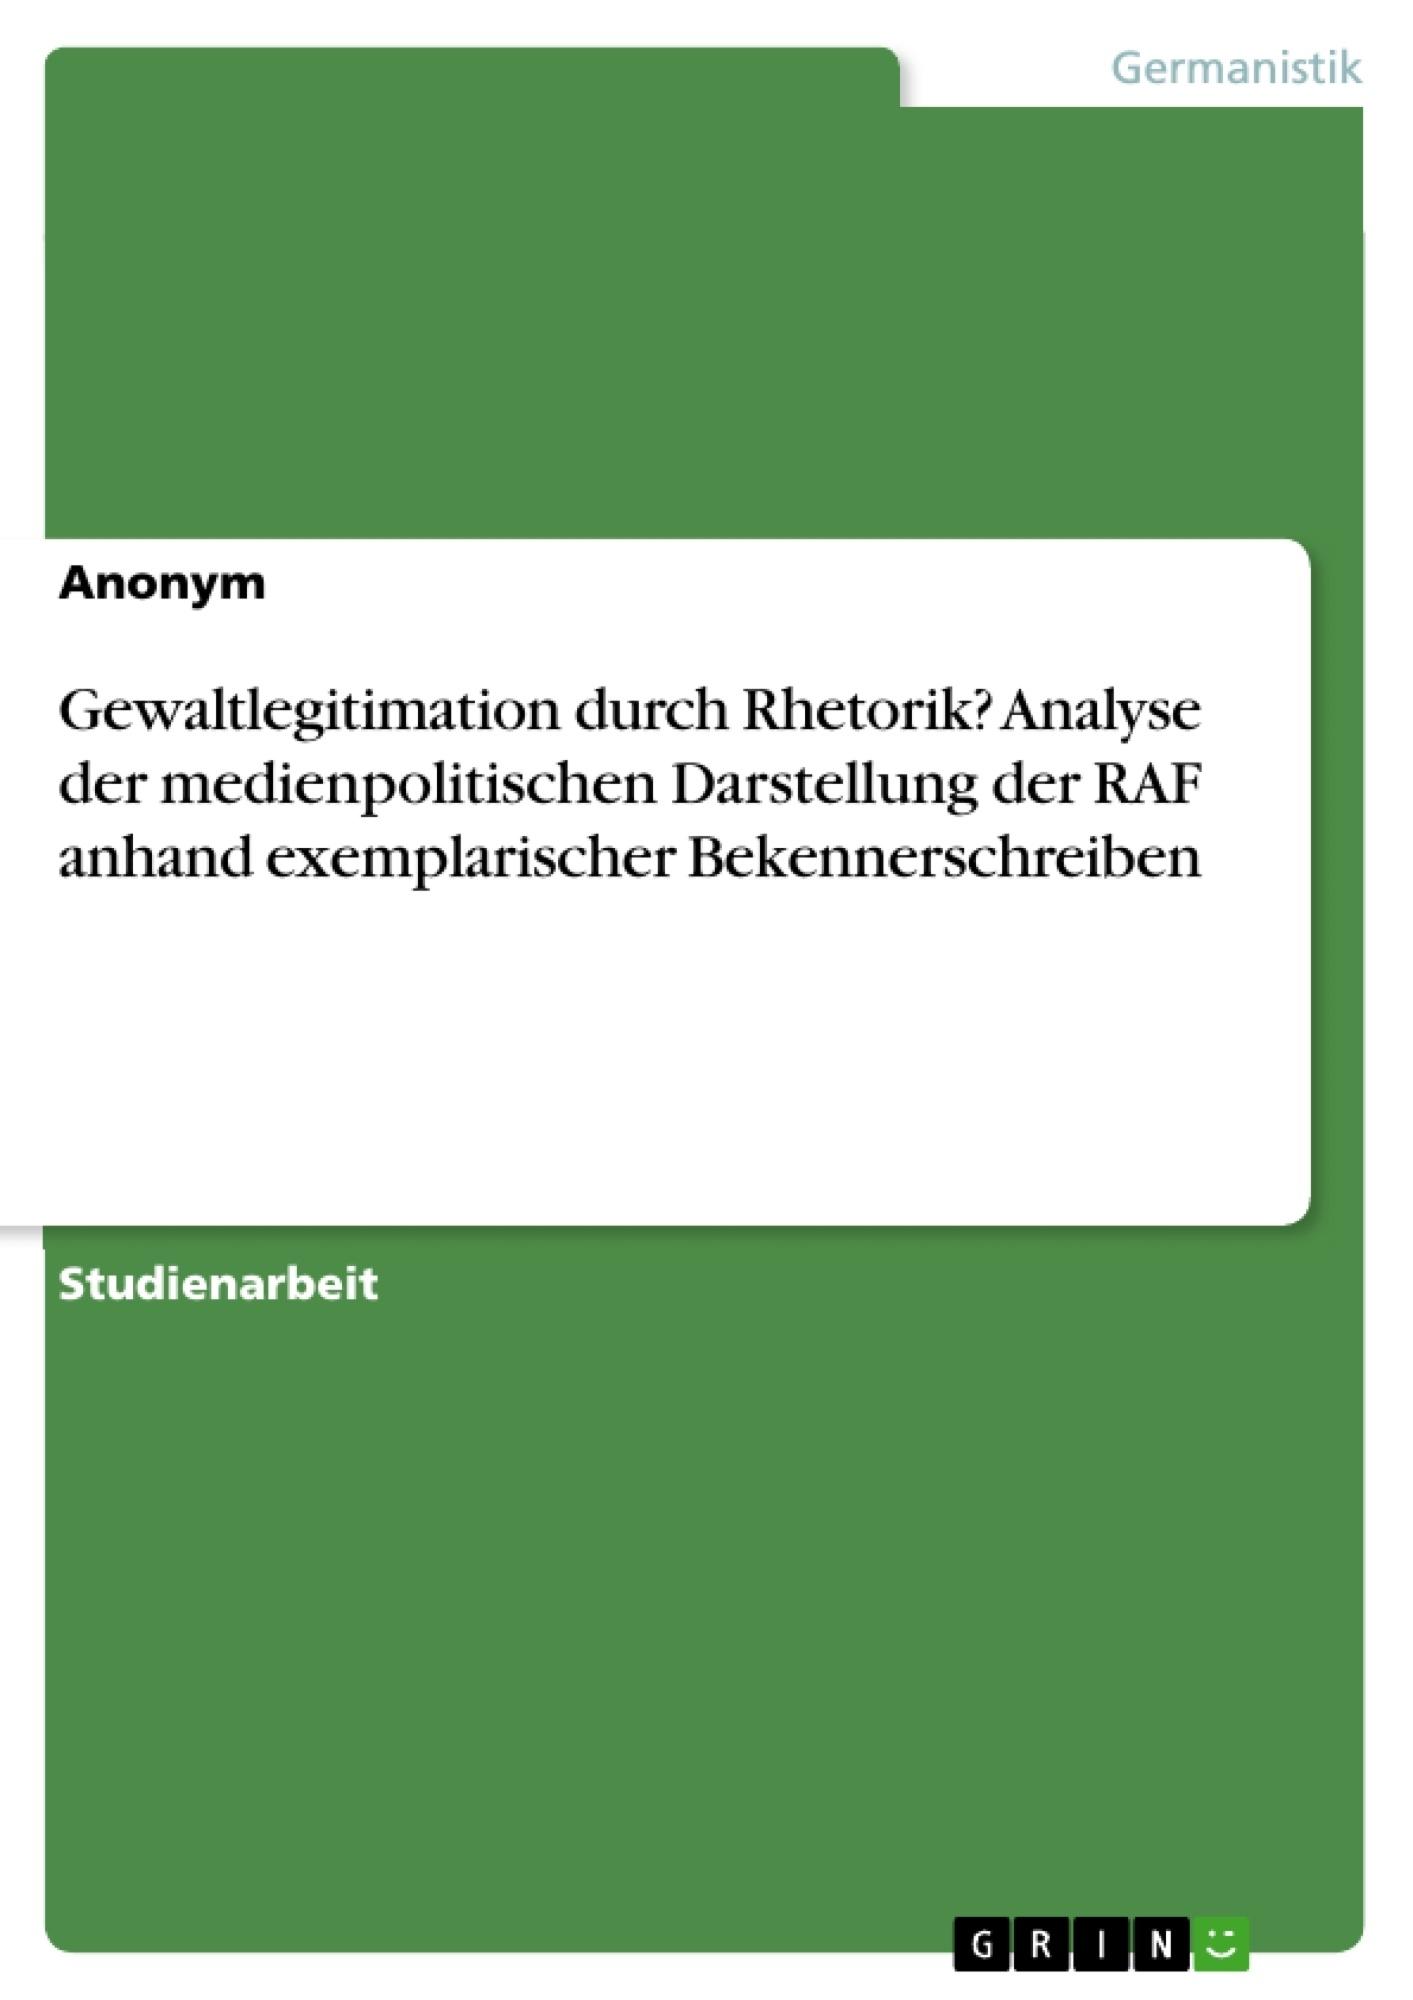 Titel: Gewaltlegitimation durch Rhetorik? Analyse der medienpolitischen Darstellung der RAF anhand exemplarischer Bekennerschreiben